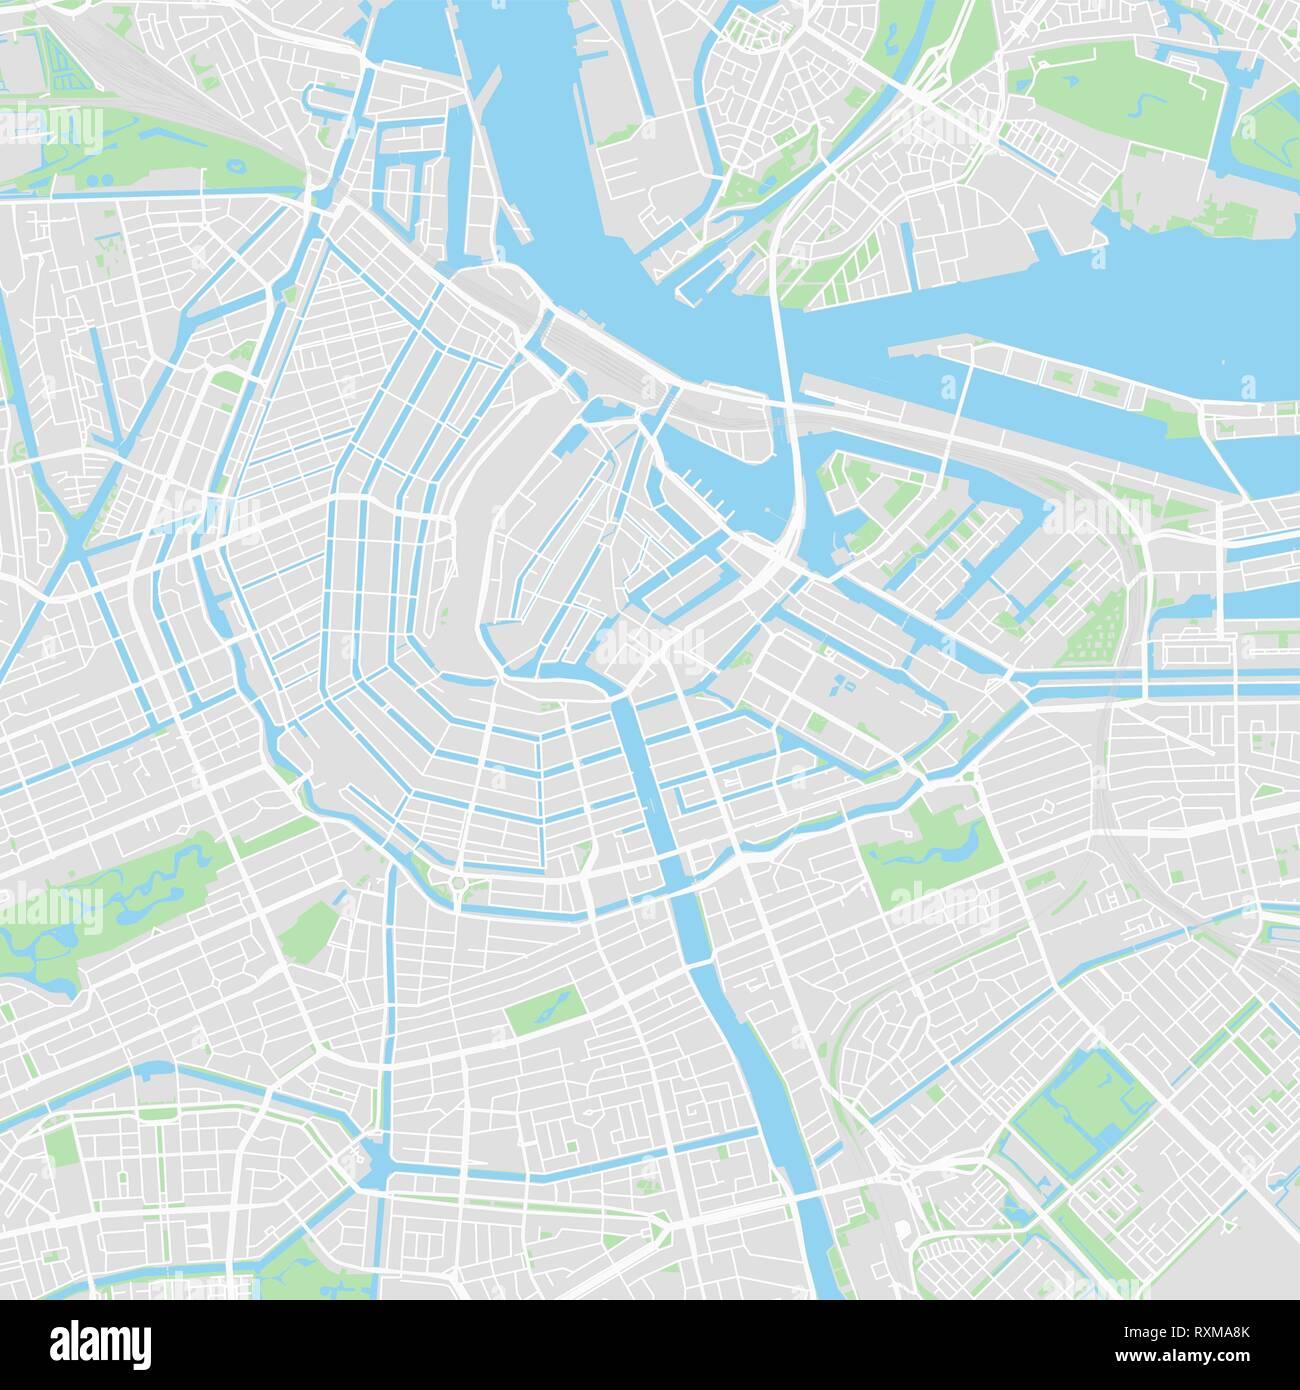 Downtown Vektor Karte Von Amsterdam Niederlande Diese Druckbare